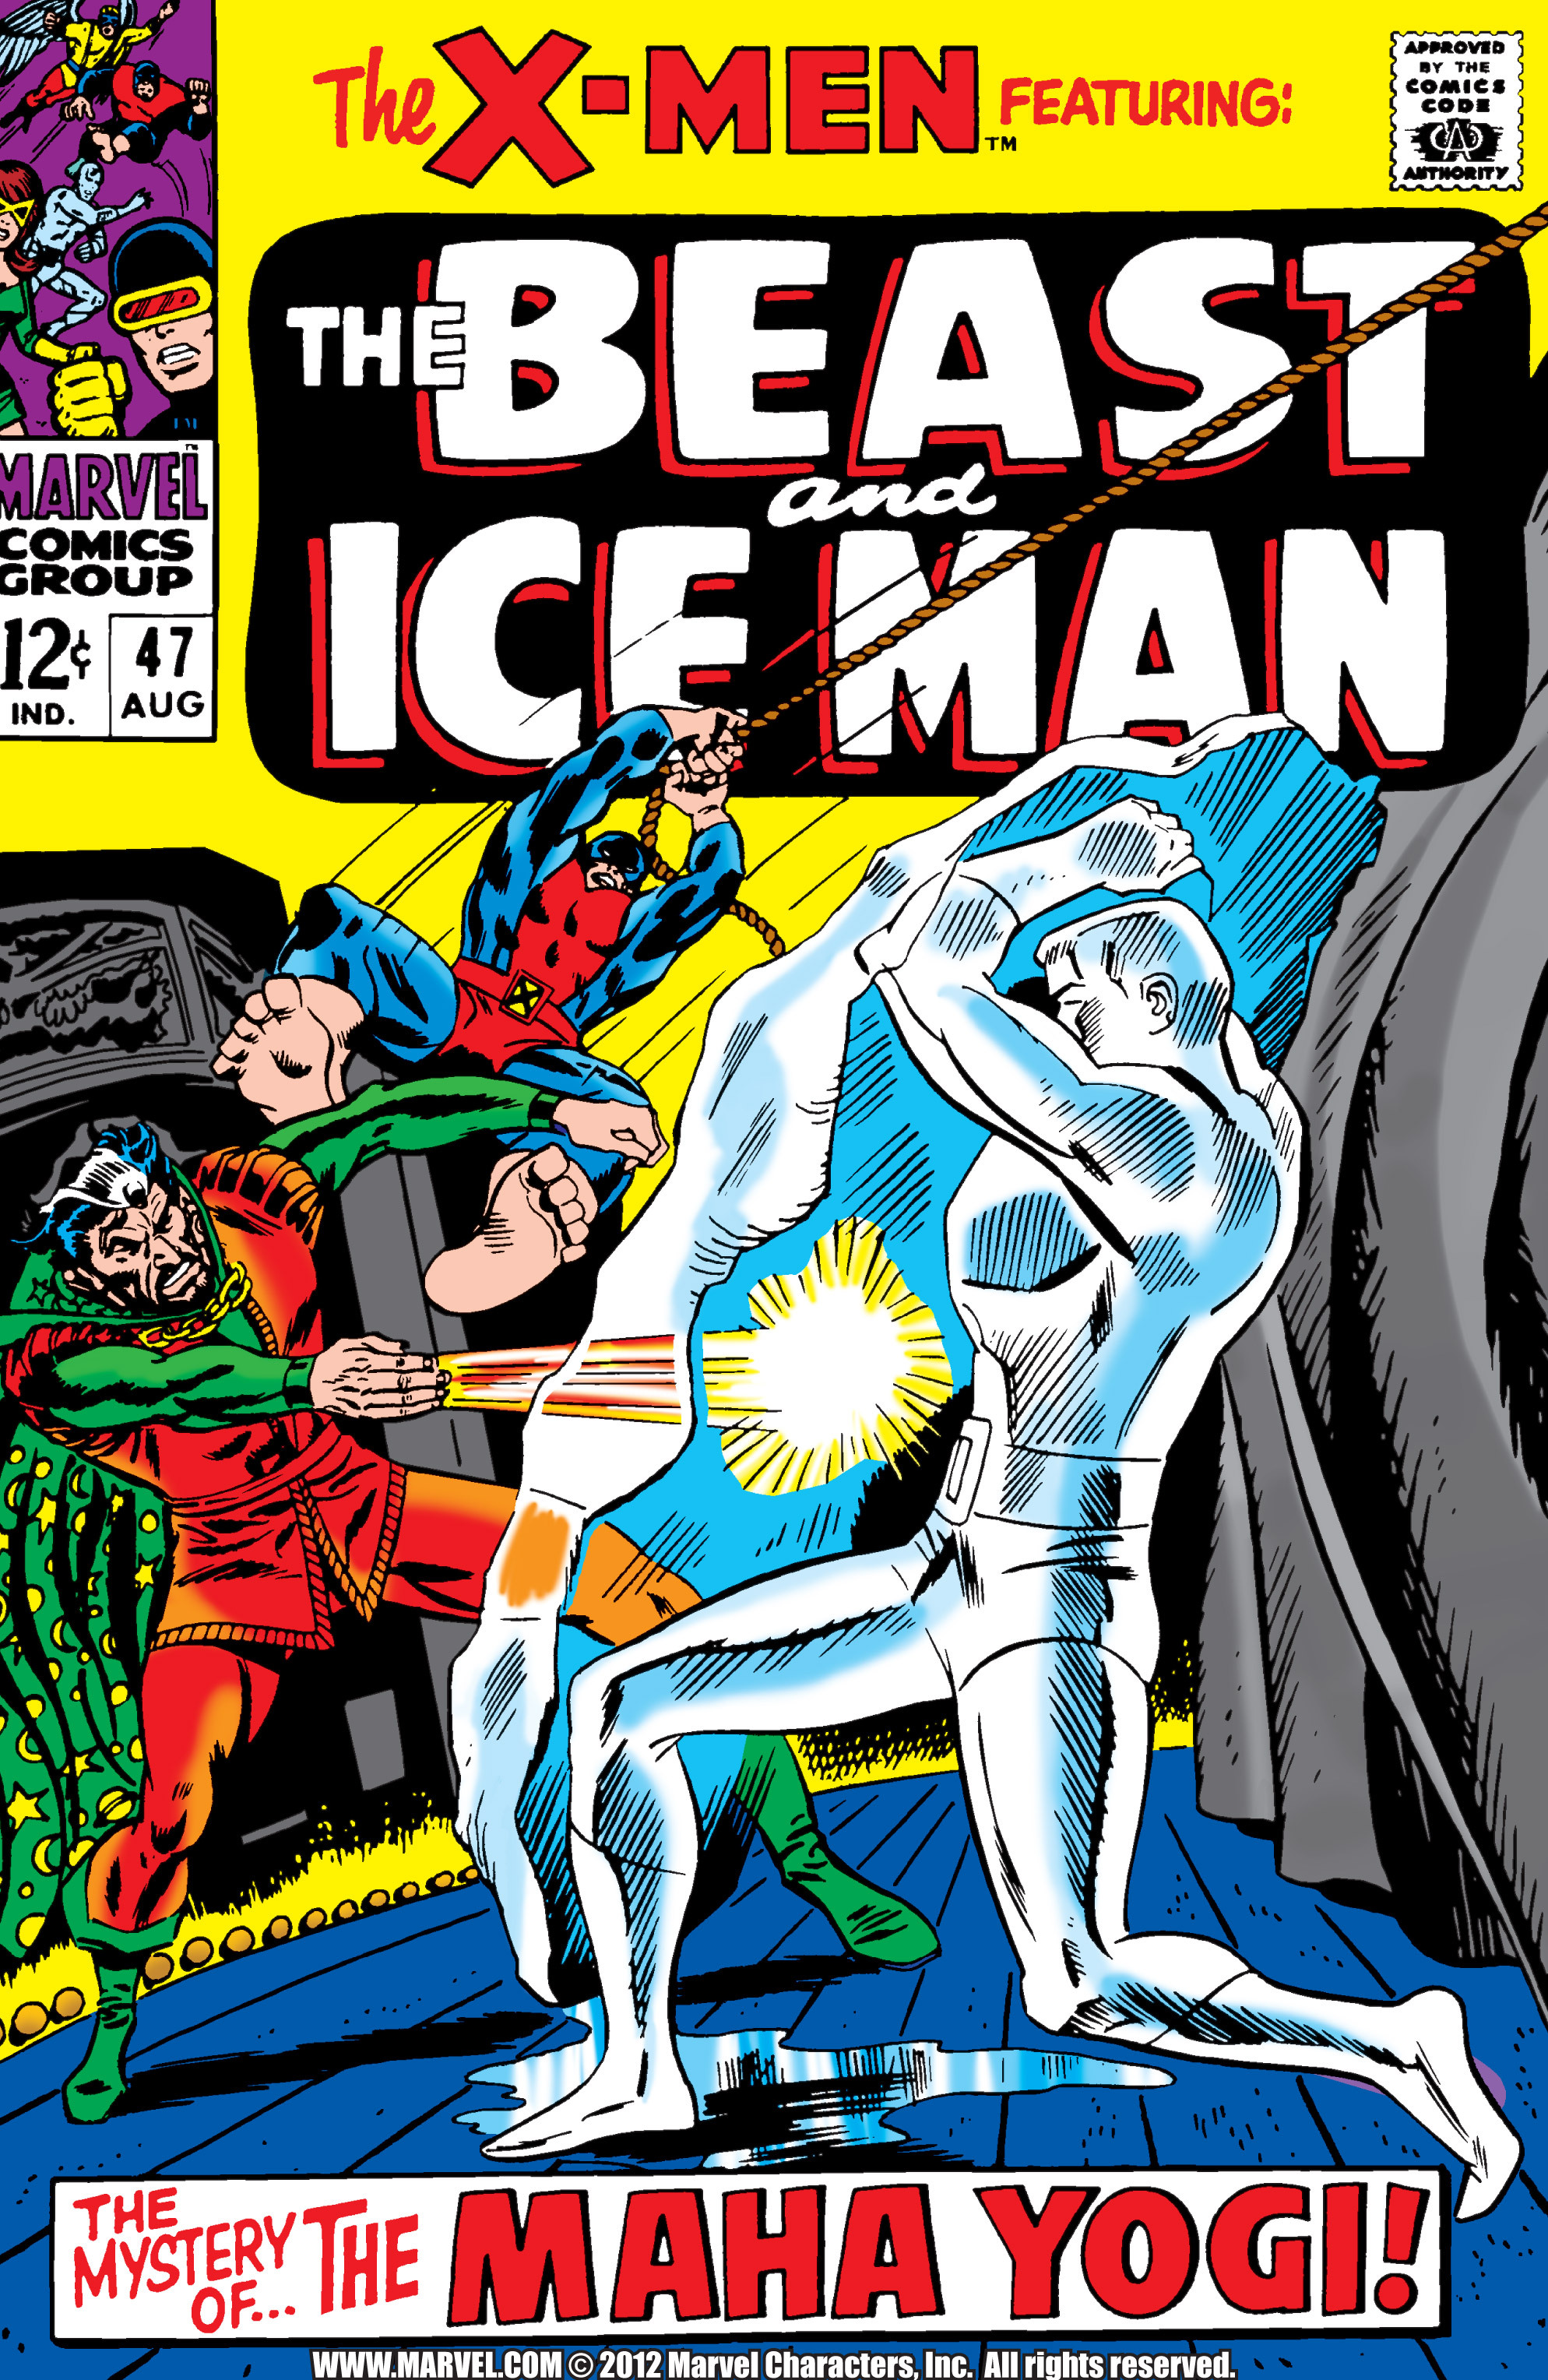 Uncanny X-Men (1963) 47 Page 1